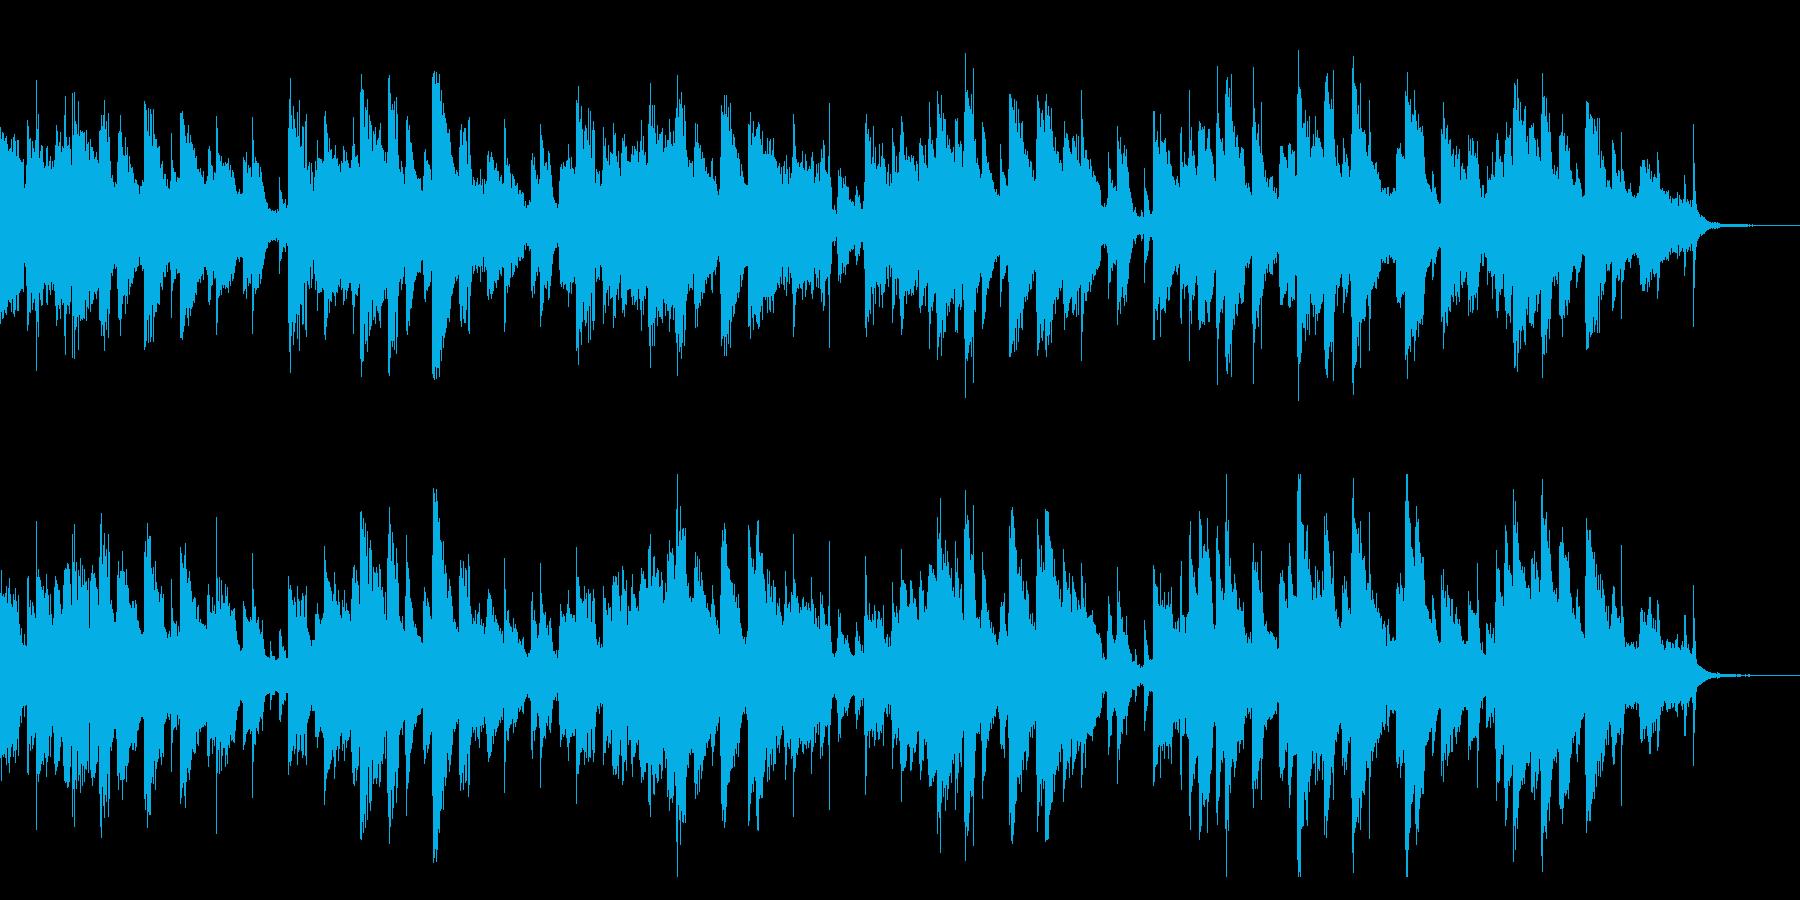 そよ風が歌うようなピアノ曲(1回)の再生済みの波形